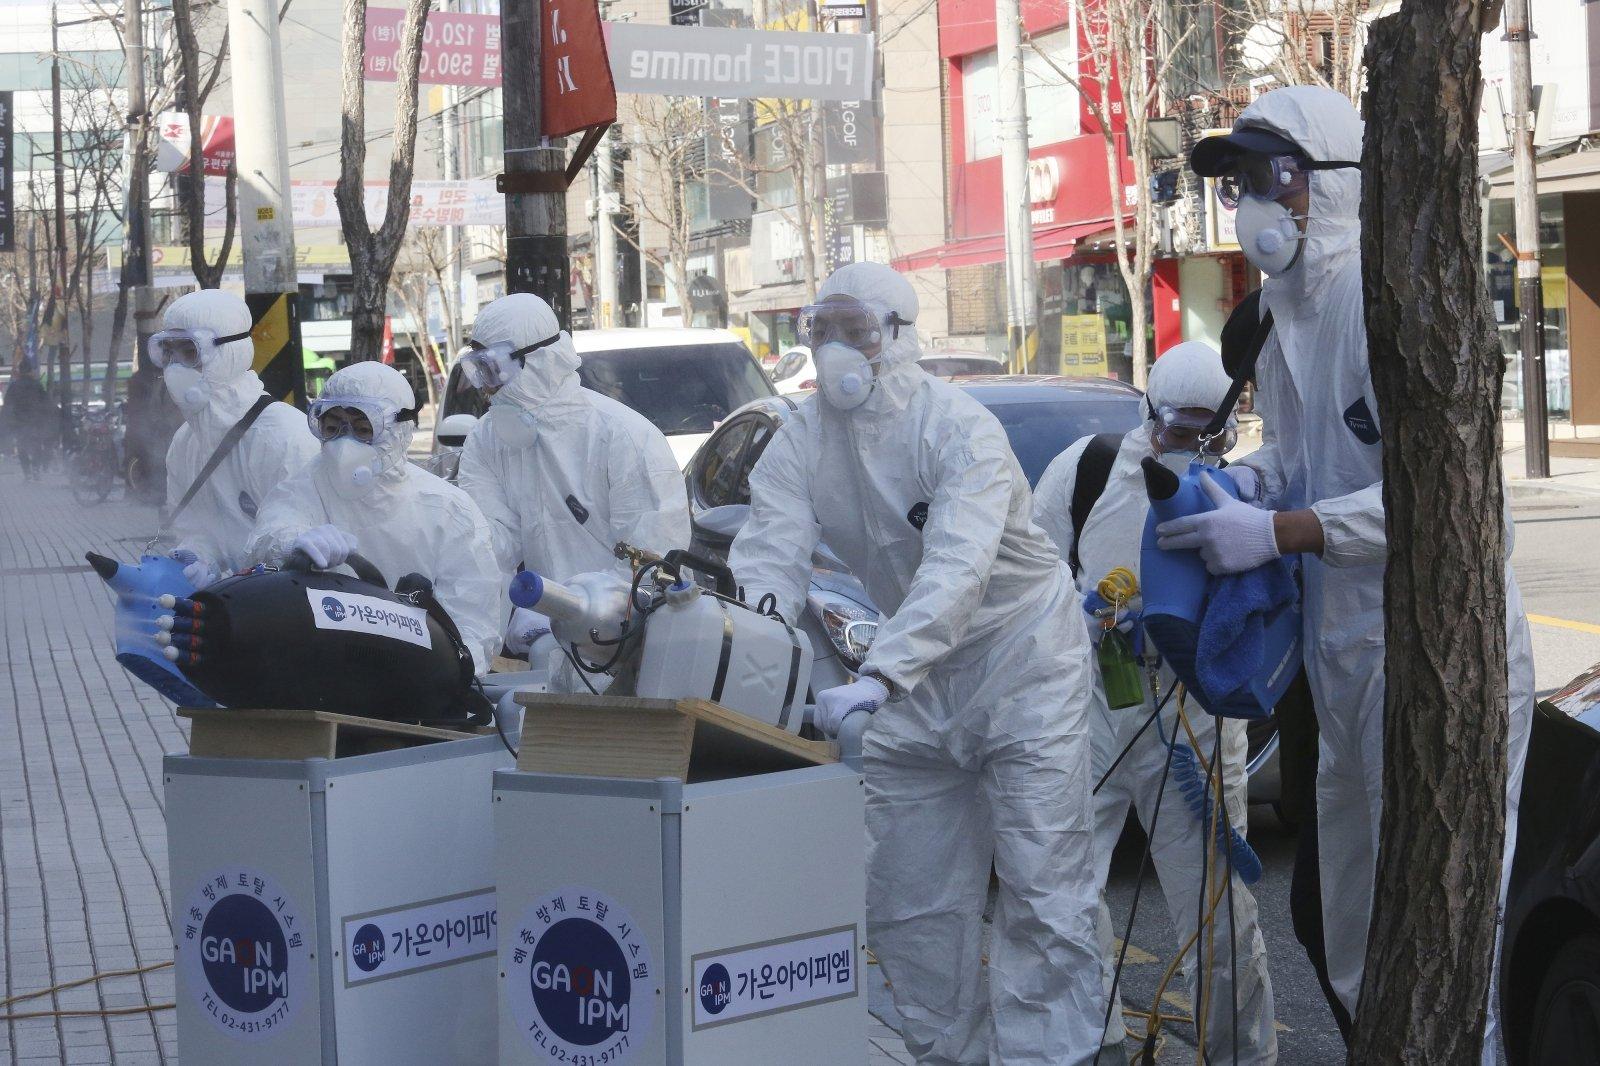 Число случаев заражения коронавирусом в Италии достигло 650